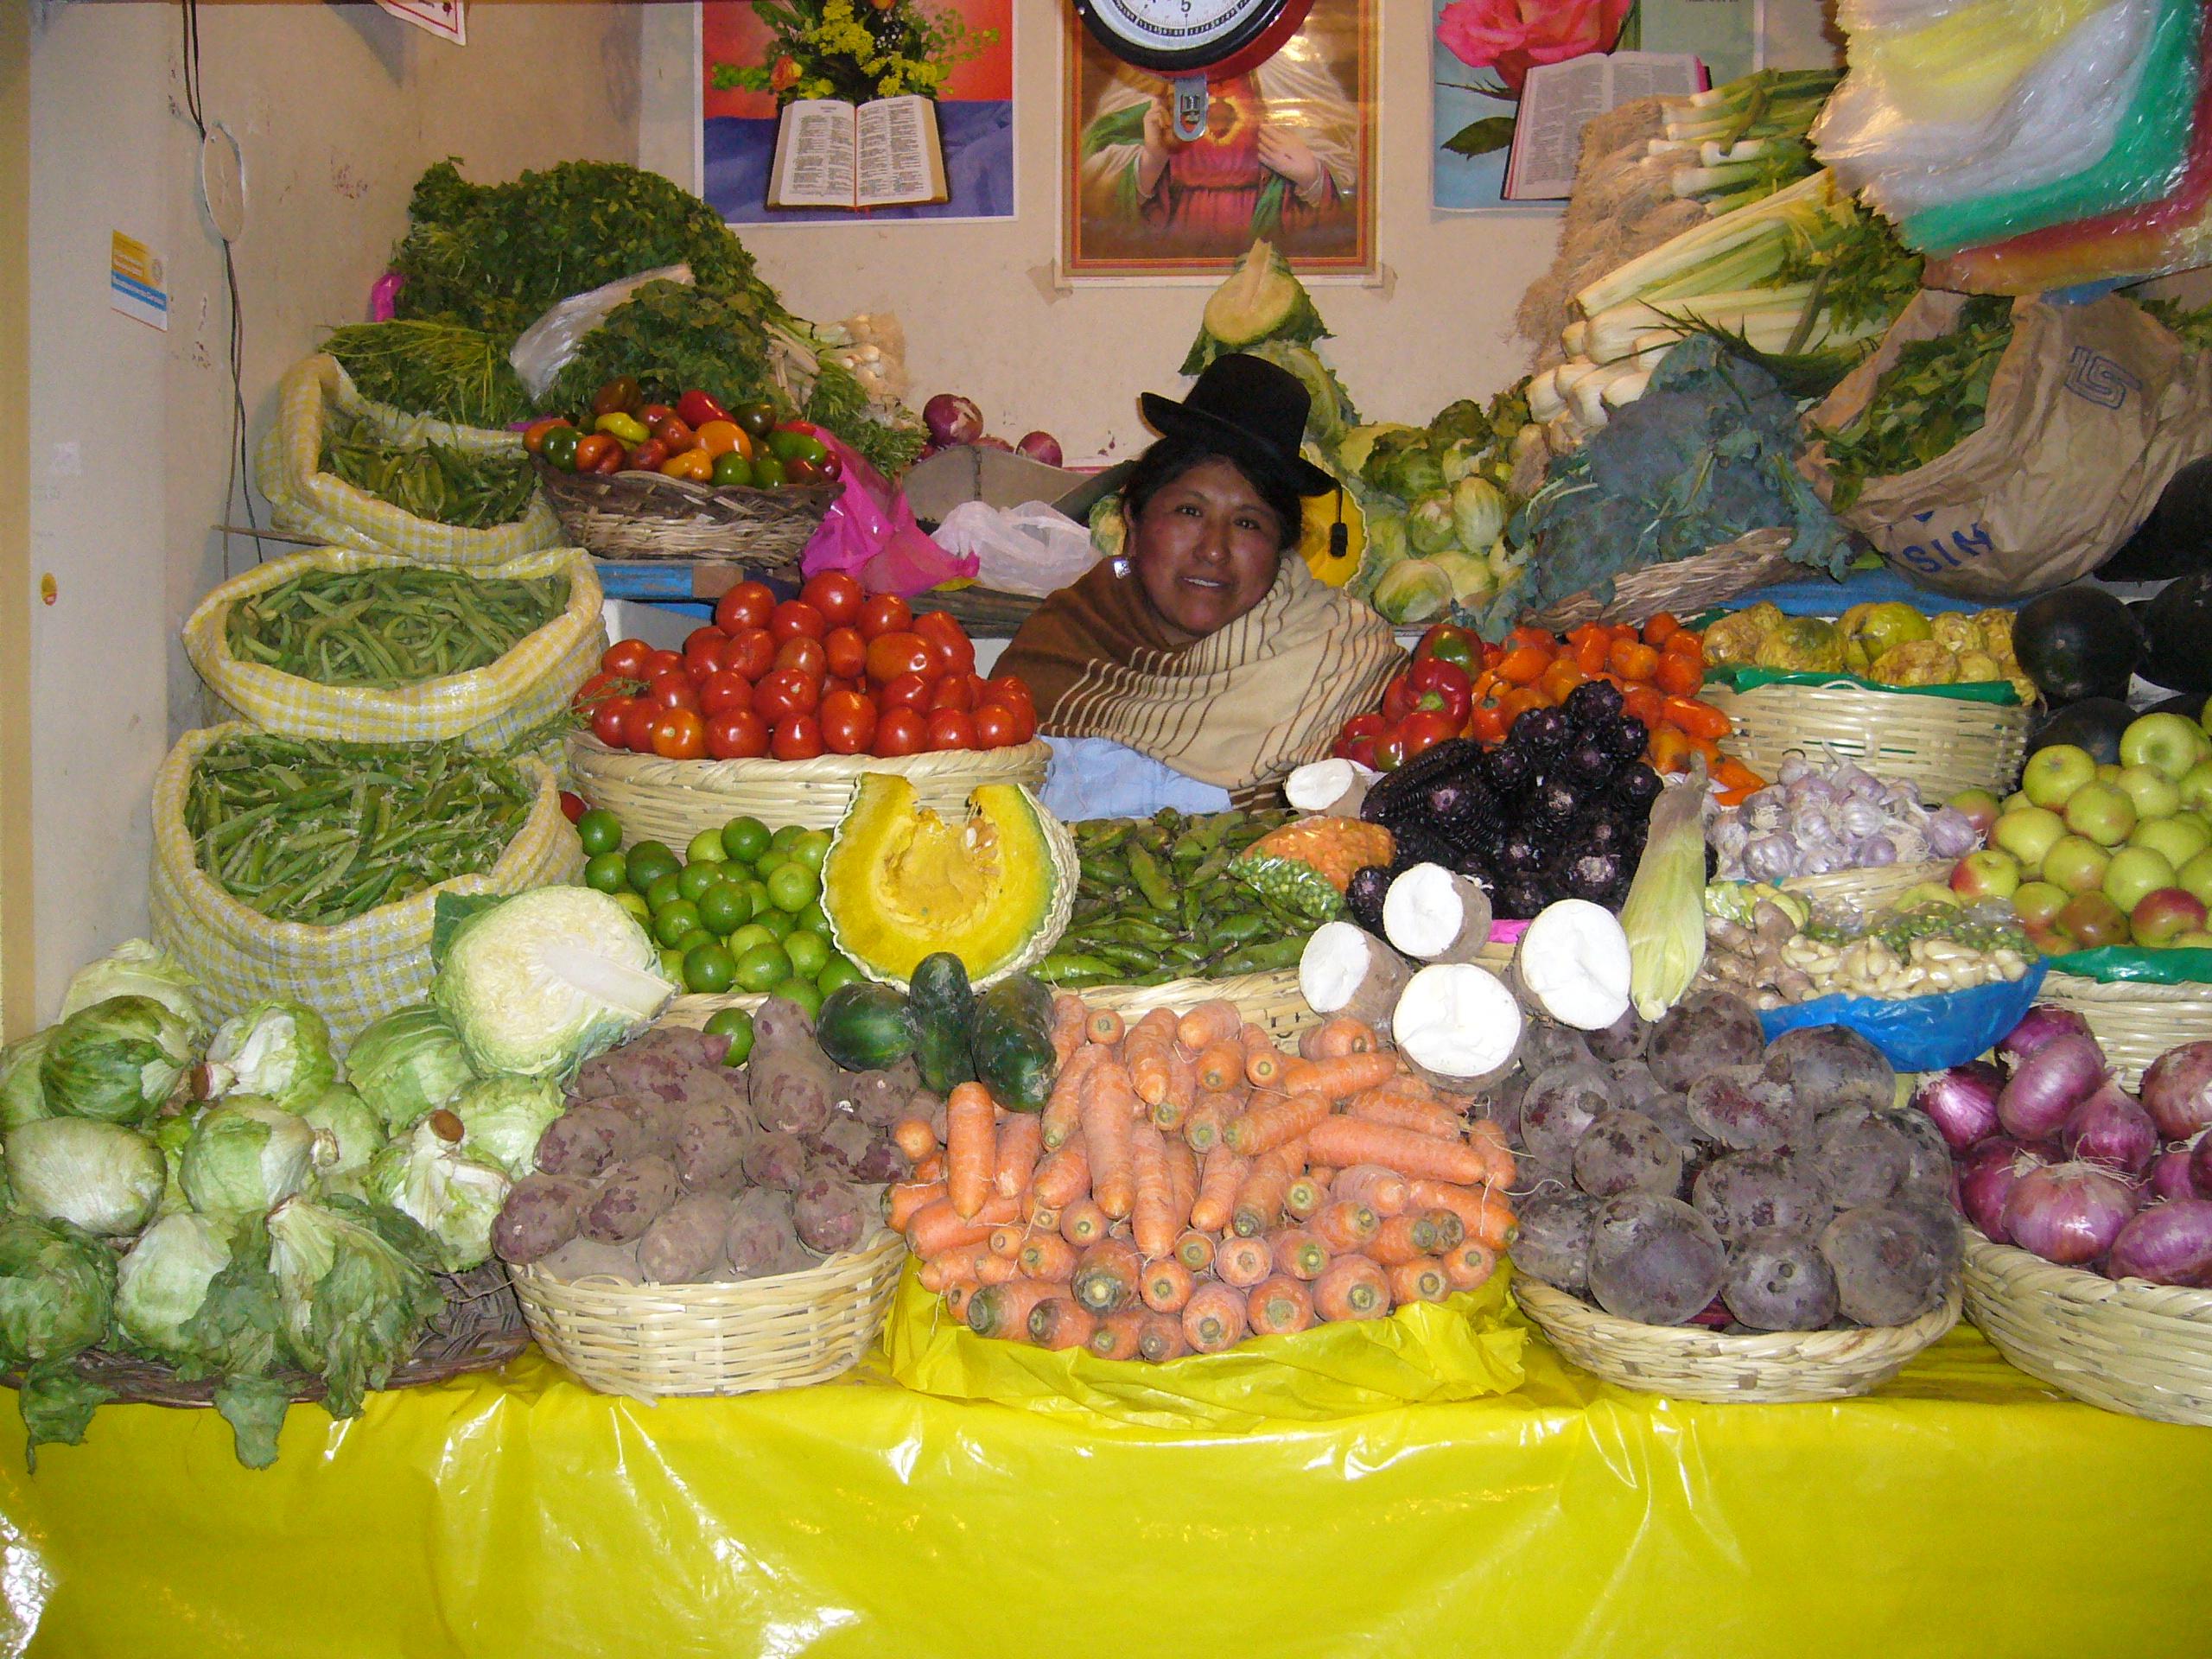 Radreise Peru 2008 - Gemüsemarkt in Puno